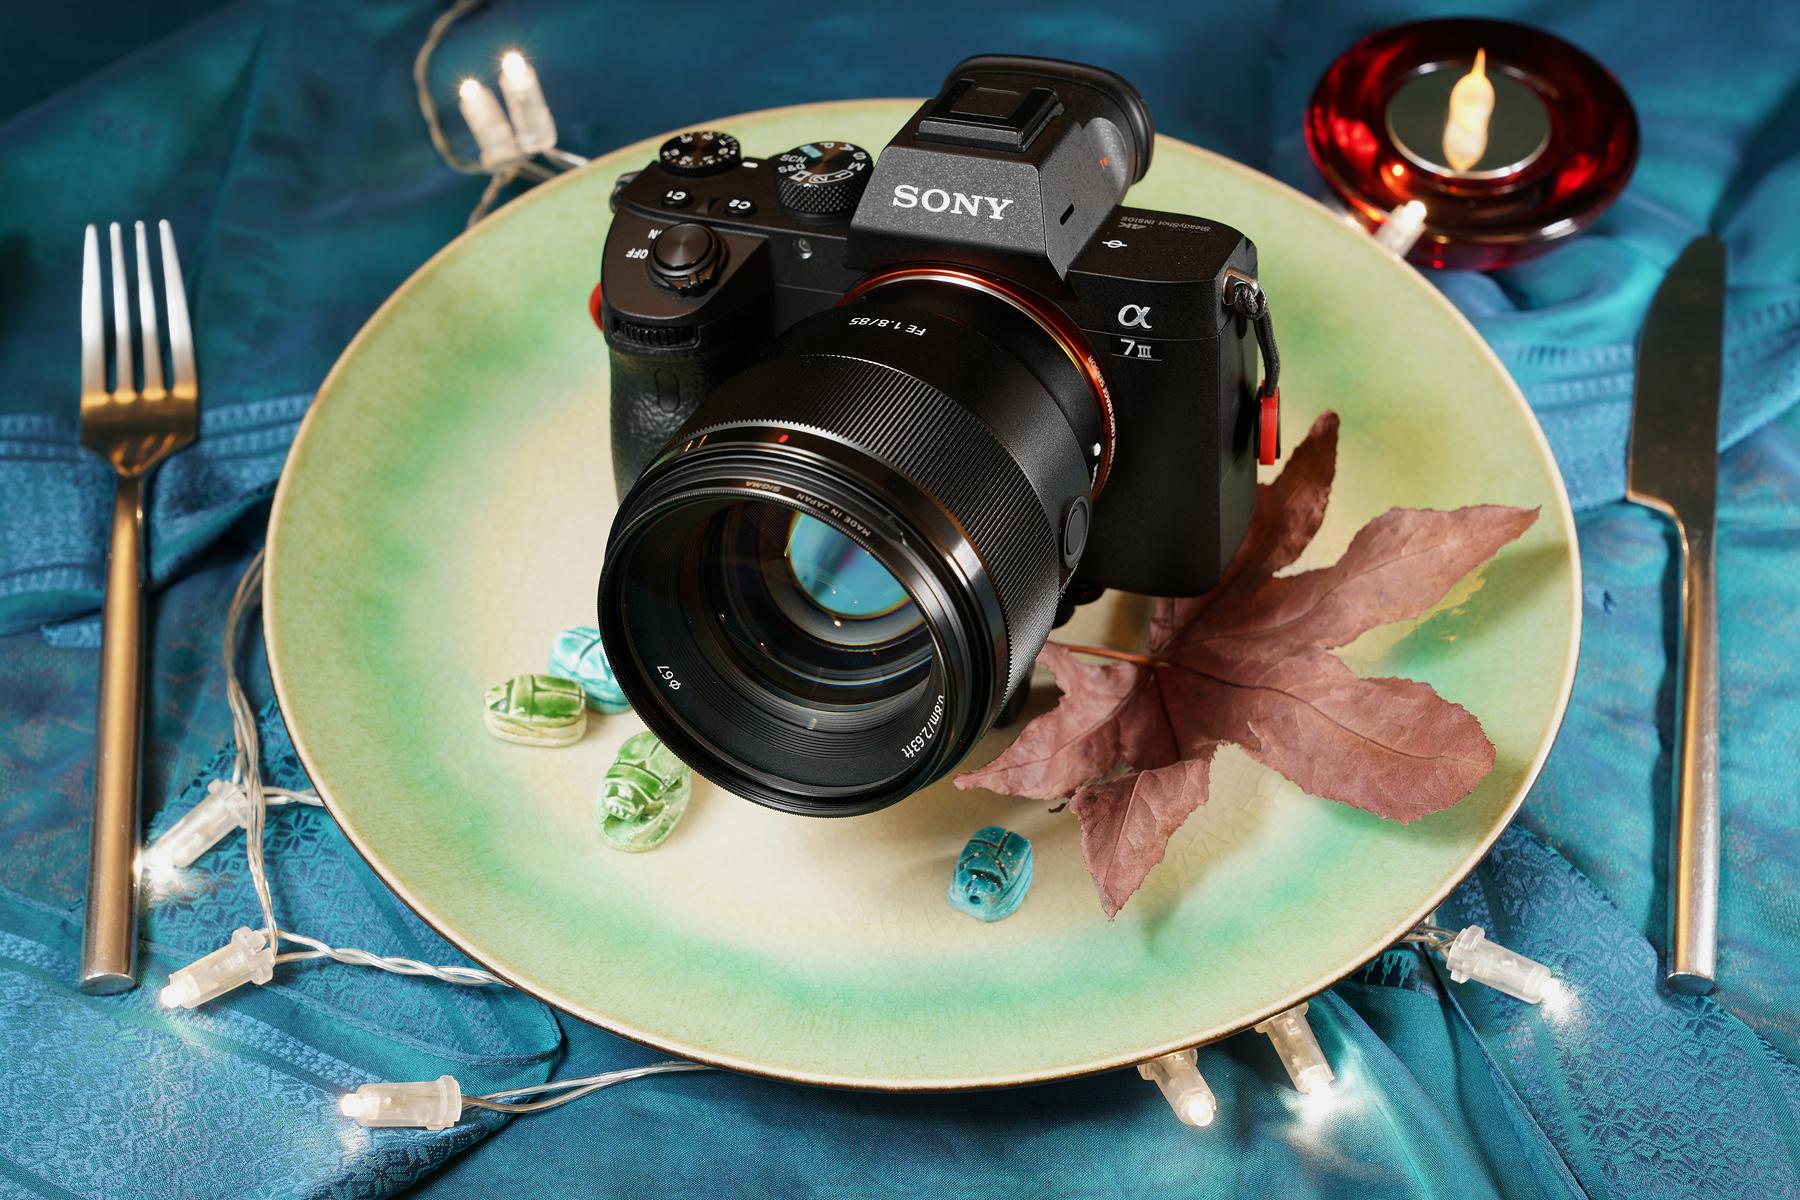 Secondo Piatto - A Meaty Camera